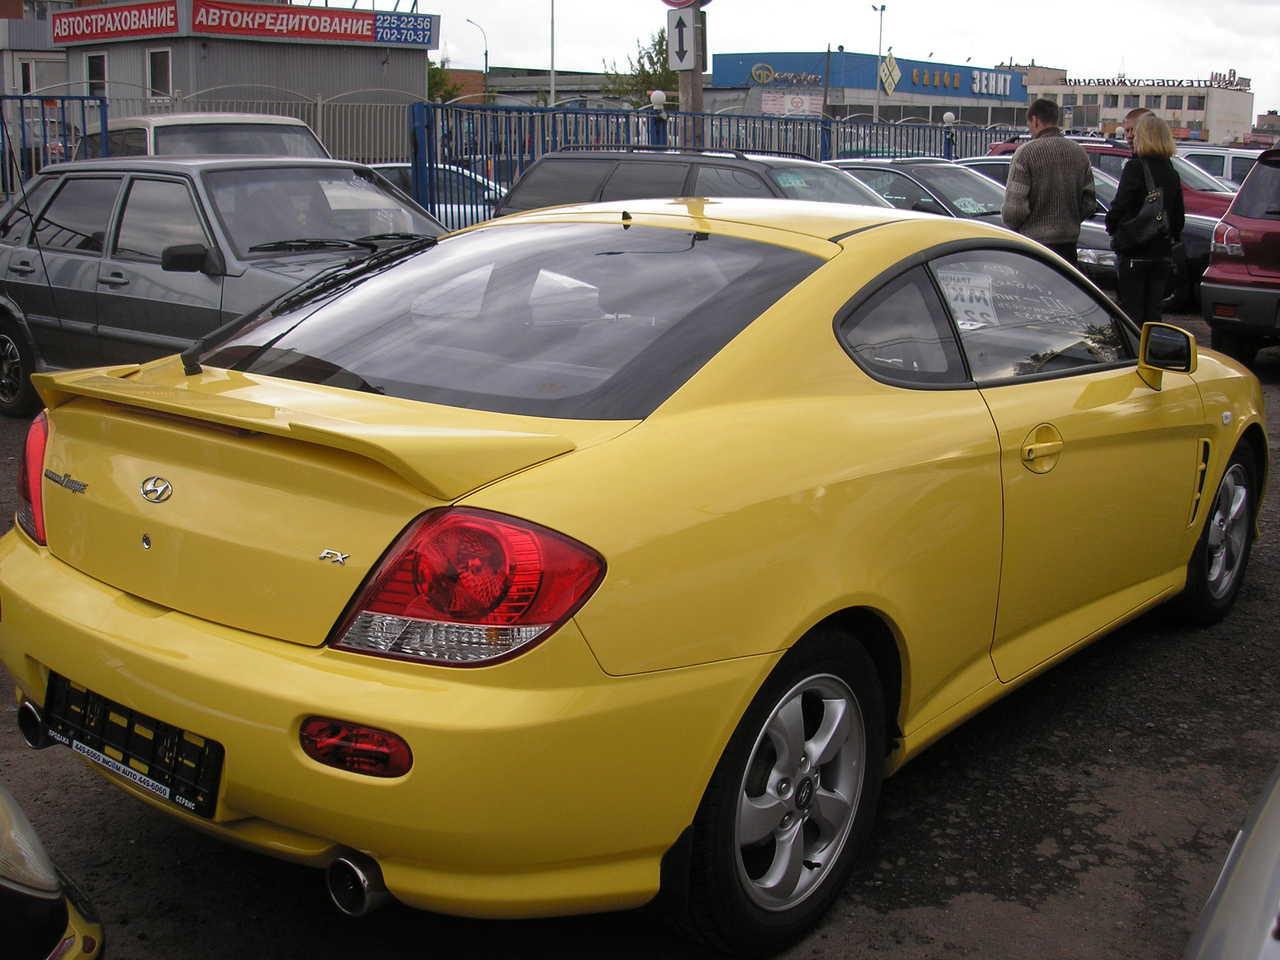 2006 Hyundai Tiburon Photos 2 0 Gasoline Ff Cvt For Sale